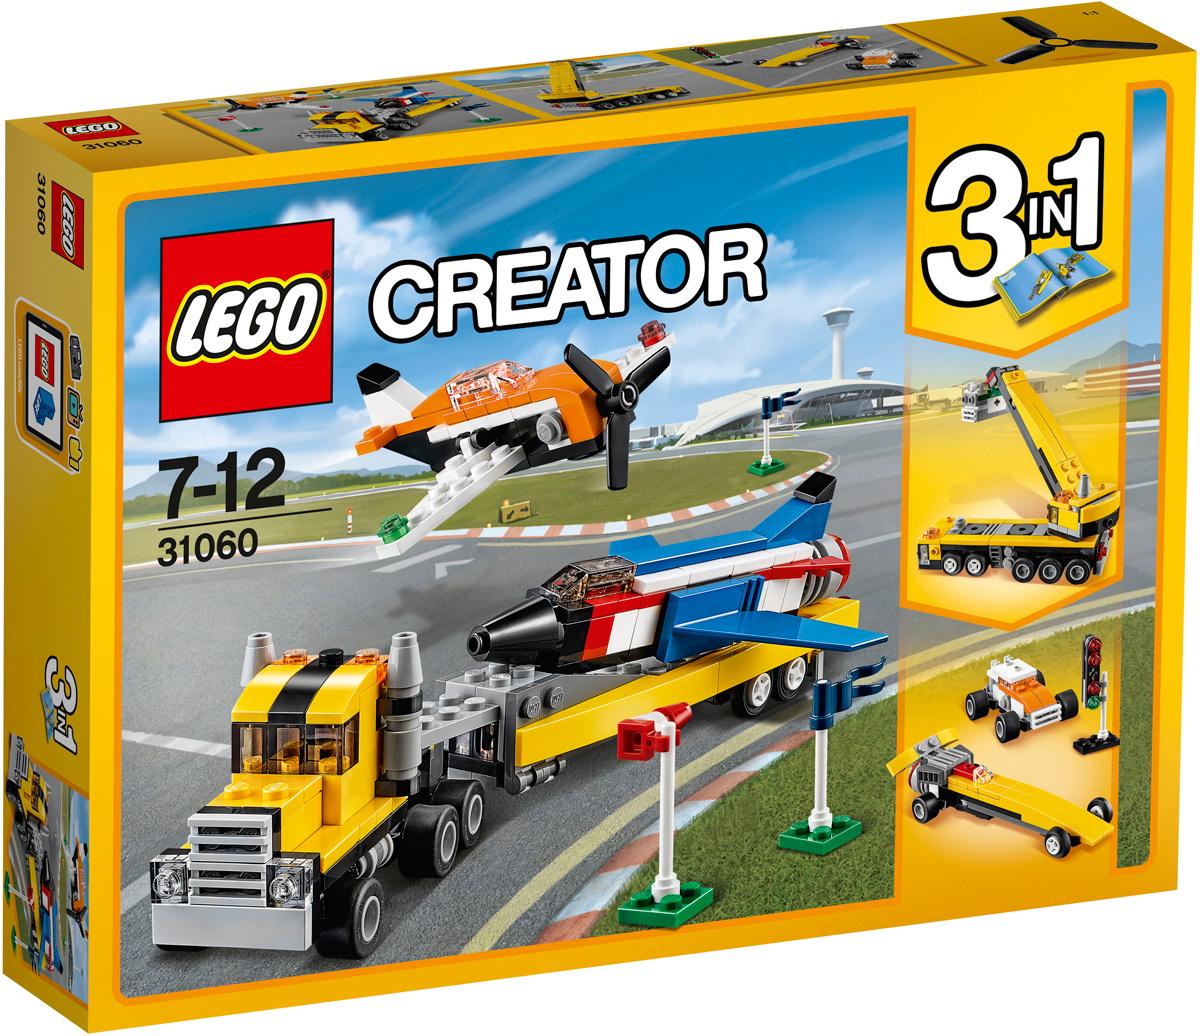 Конструктор LEGO Creator 31060 Пилотажная группа #1